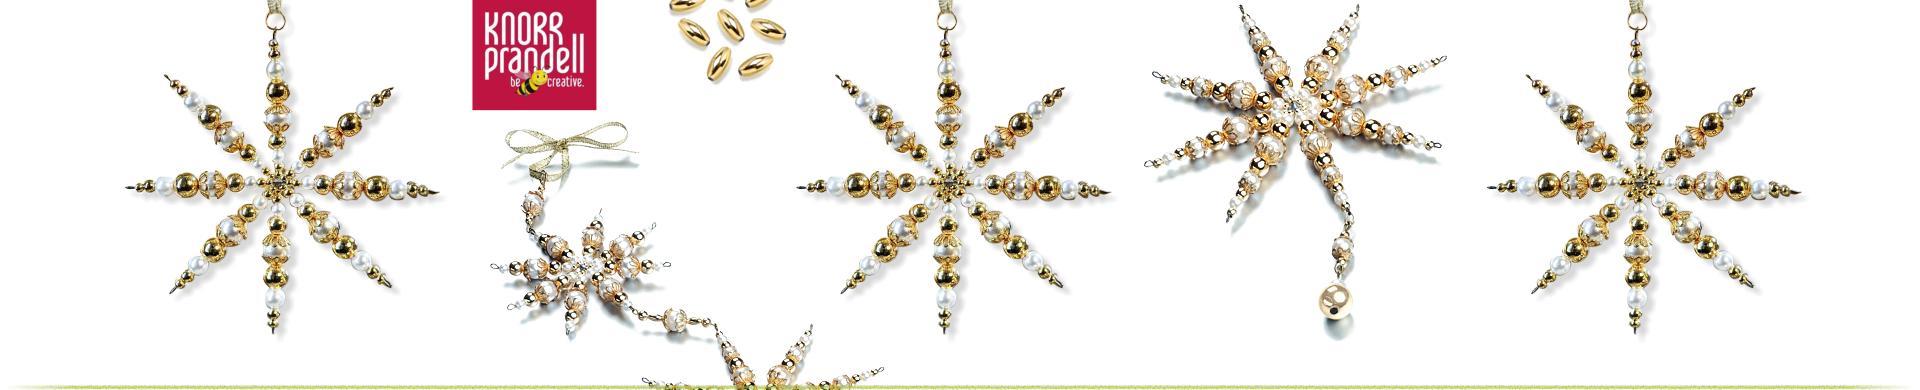 Wire Beading Stars & Beads